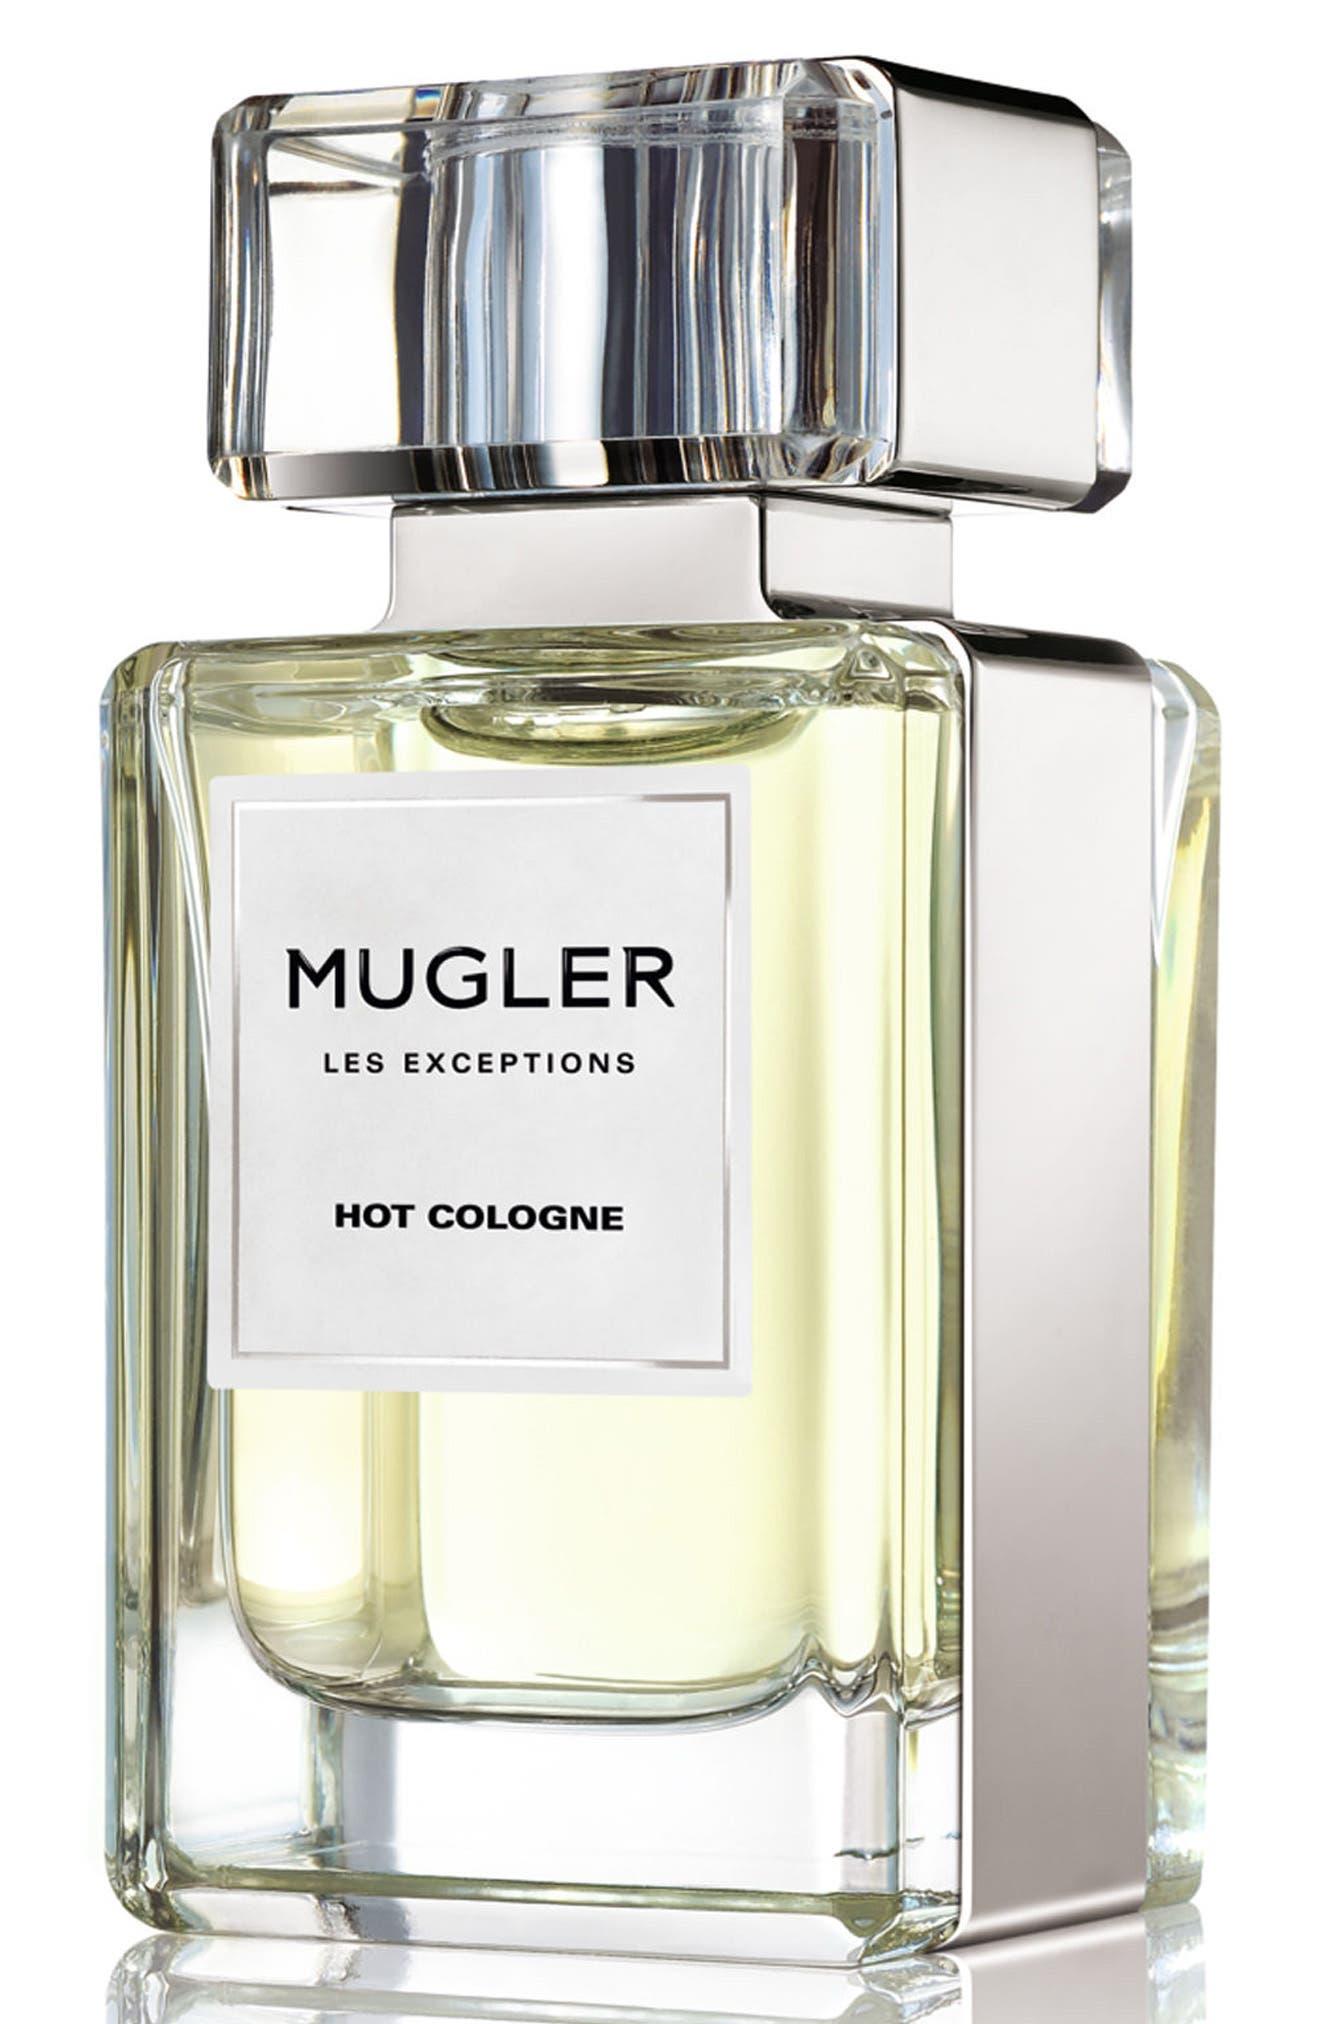 Les Exceptions by Mugler Hot Cologne Eau de Parfum Refillable Spray